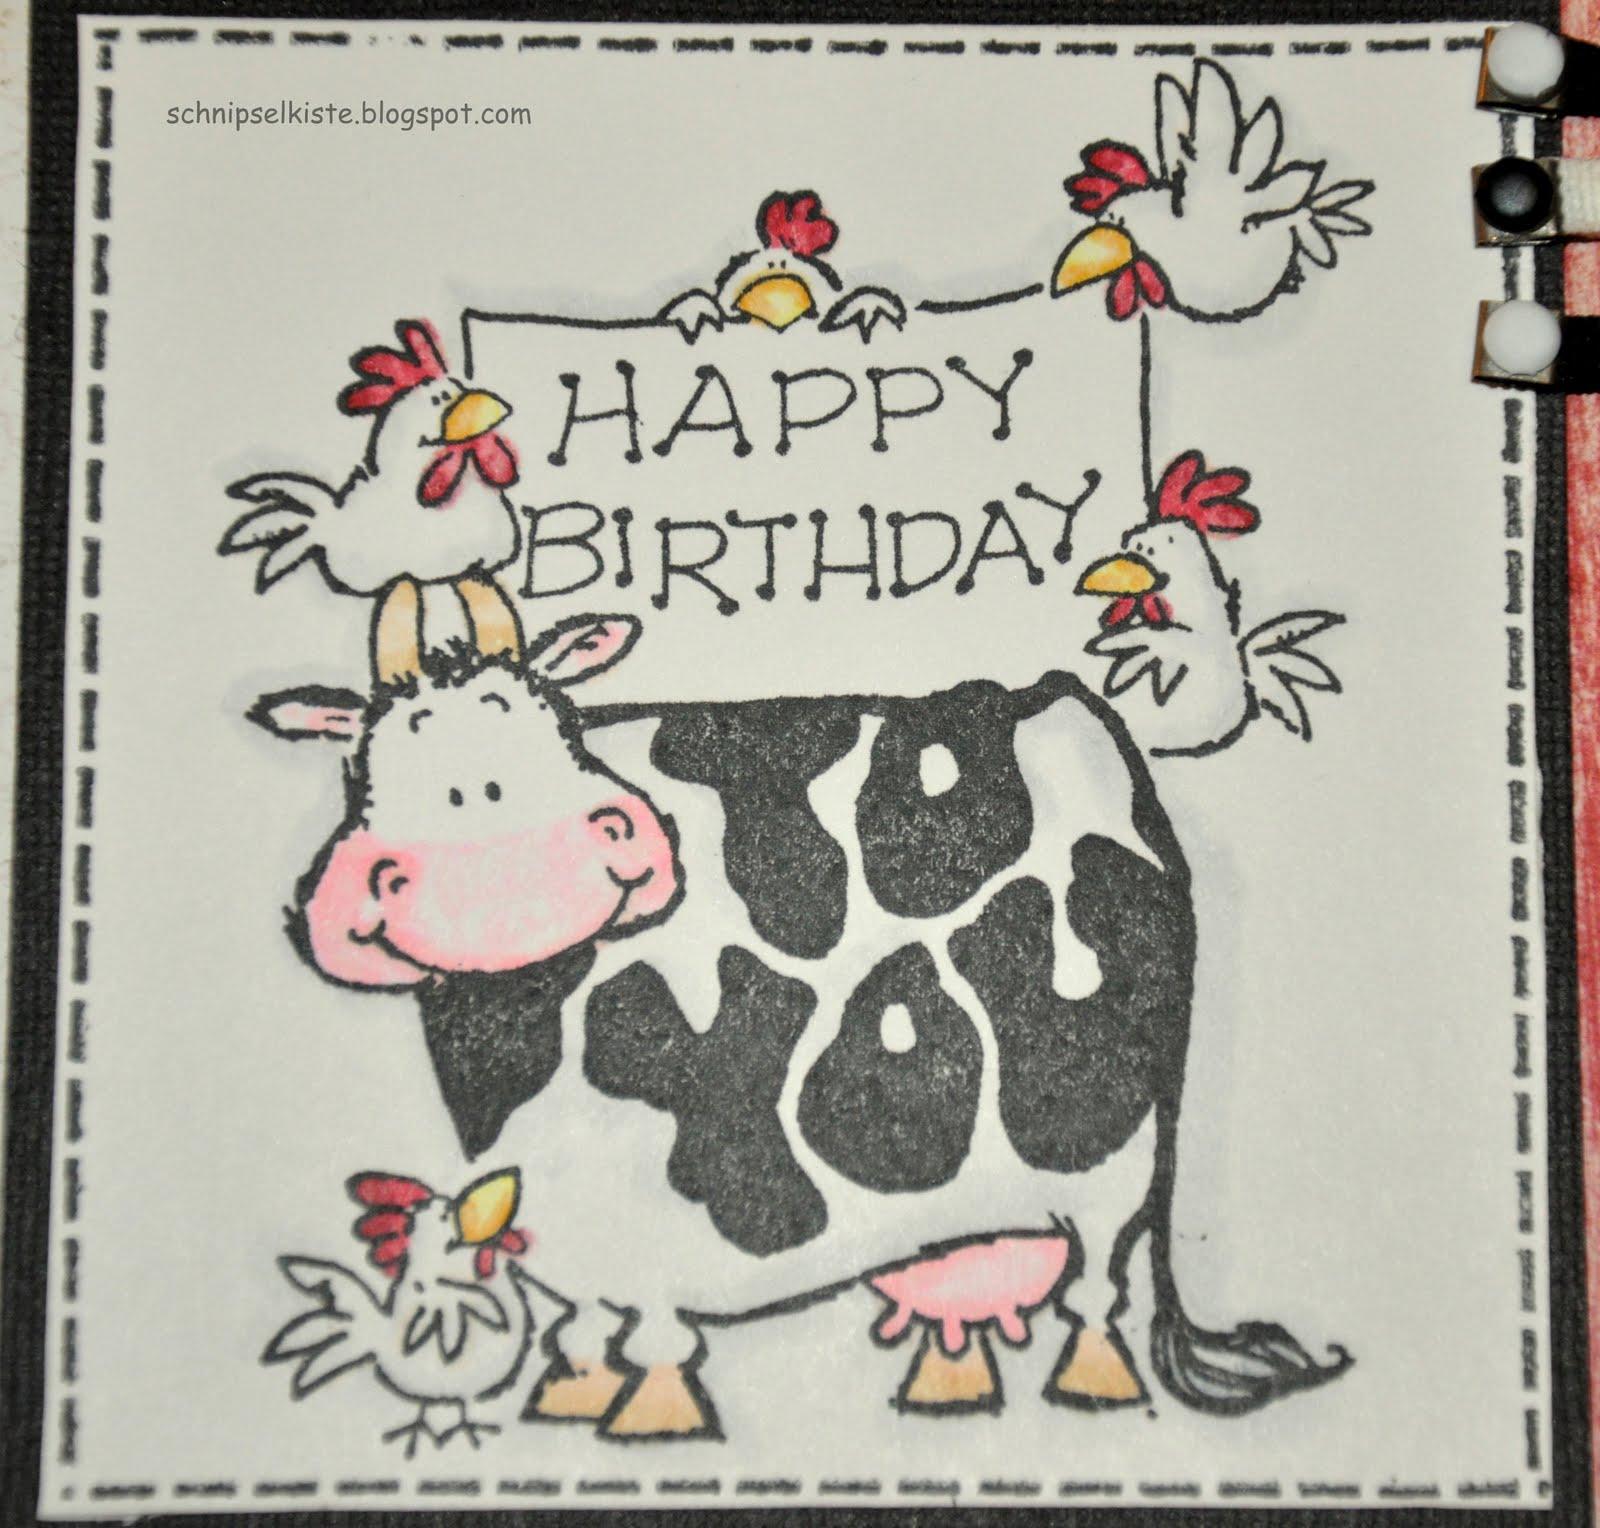 Geburtstags Grusse Kurze Geburtstagsspruche 100 Kurze